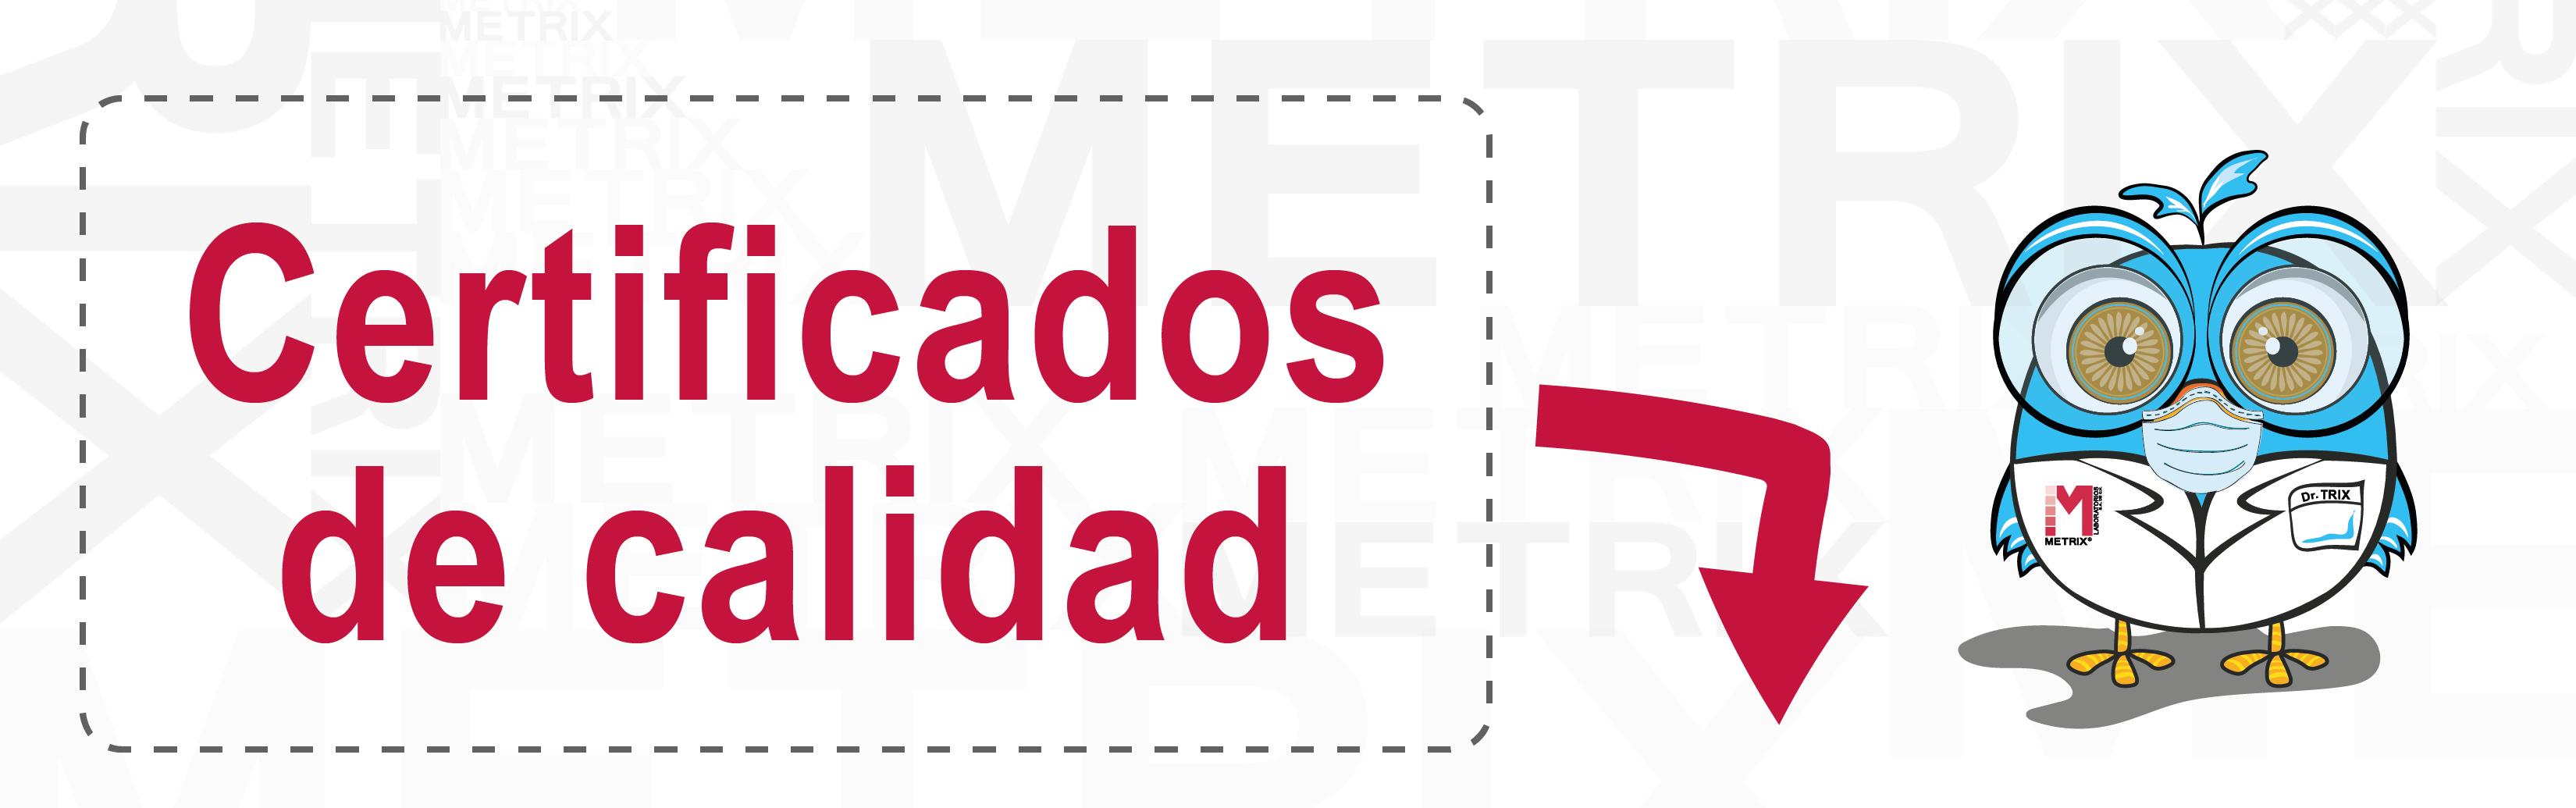 bannercalidad_mesa-de-trabajo-1